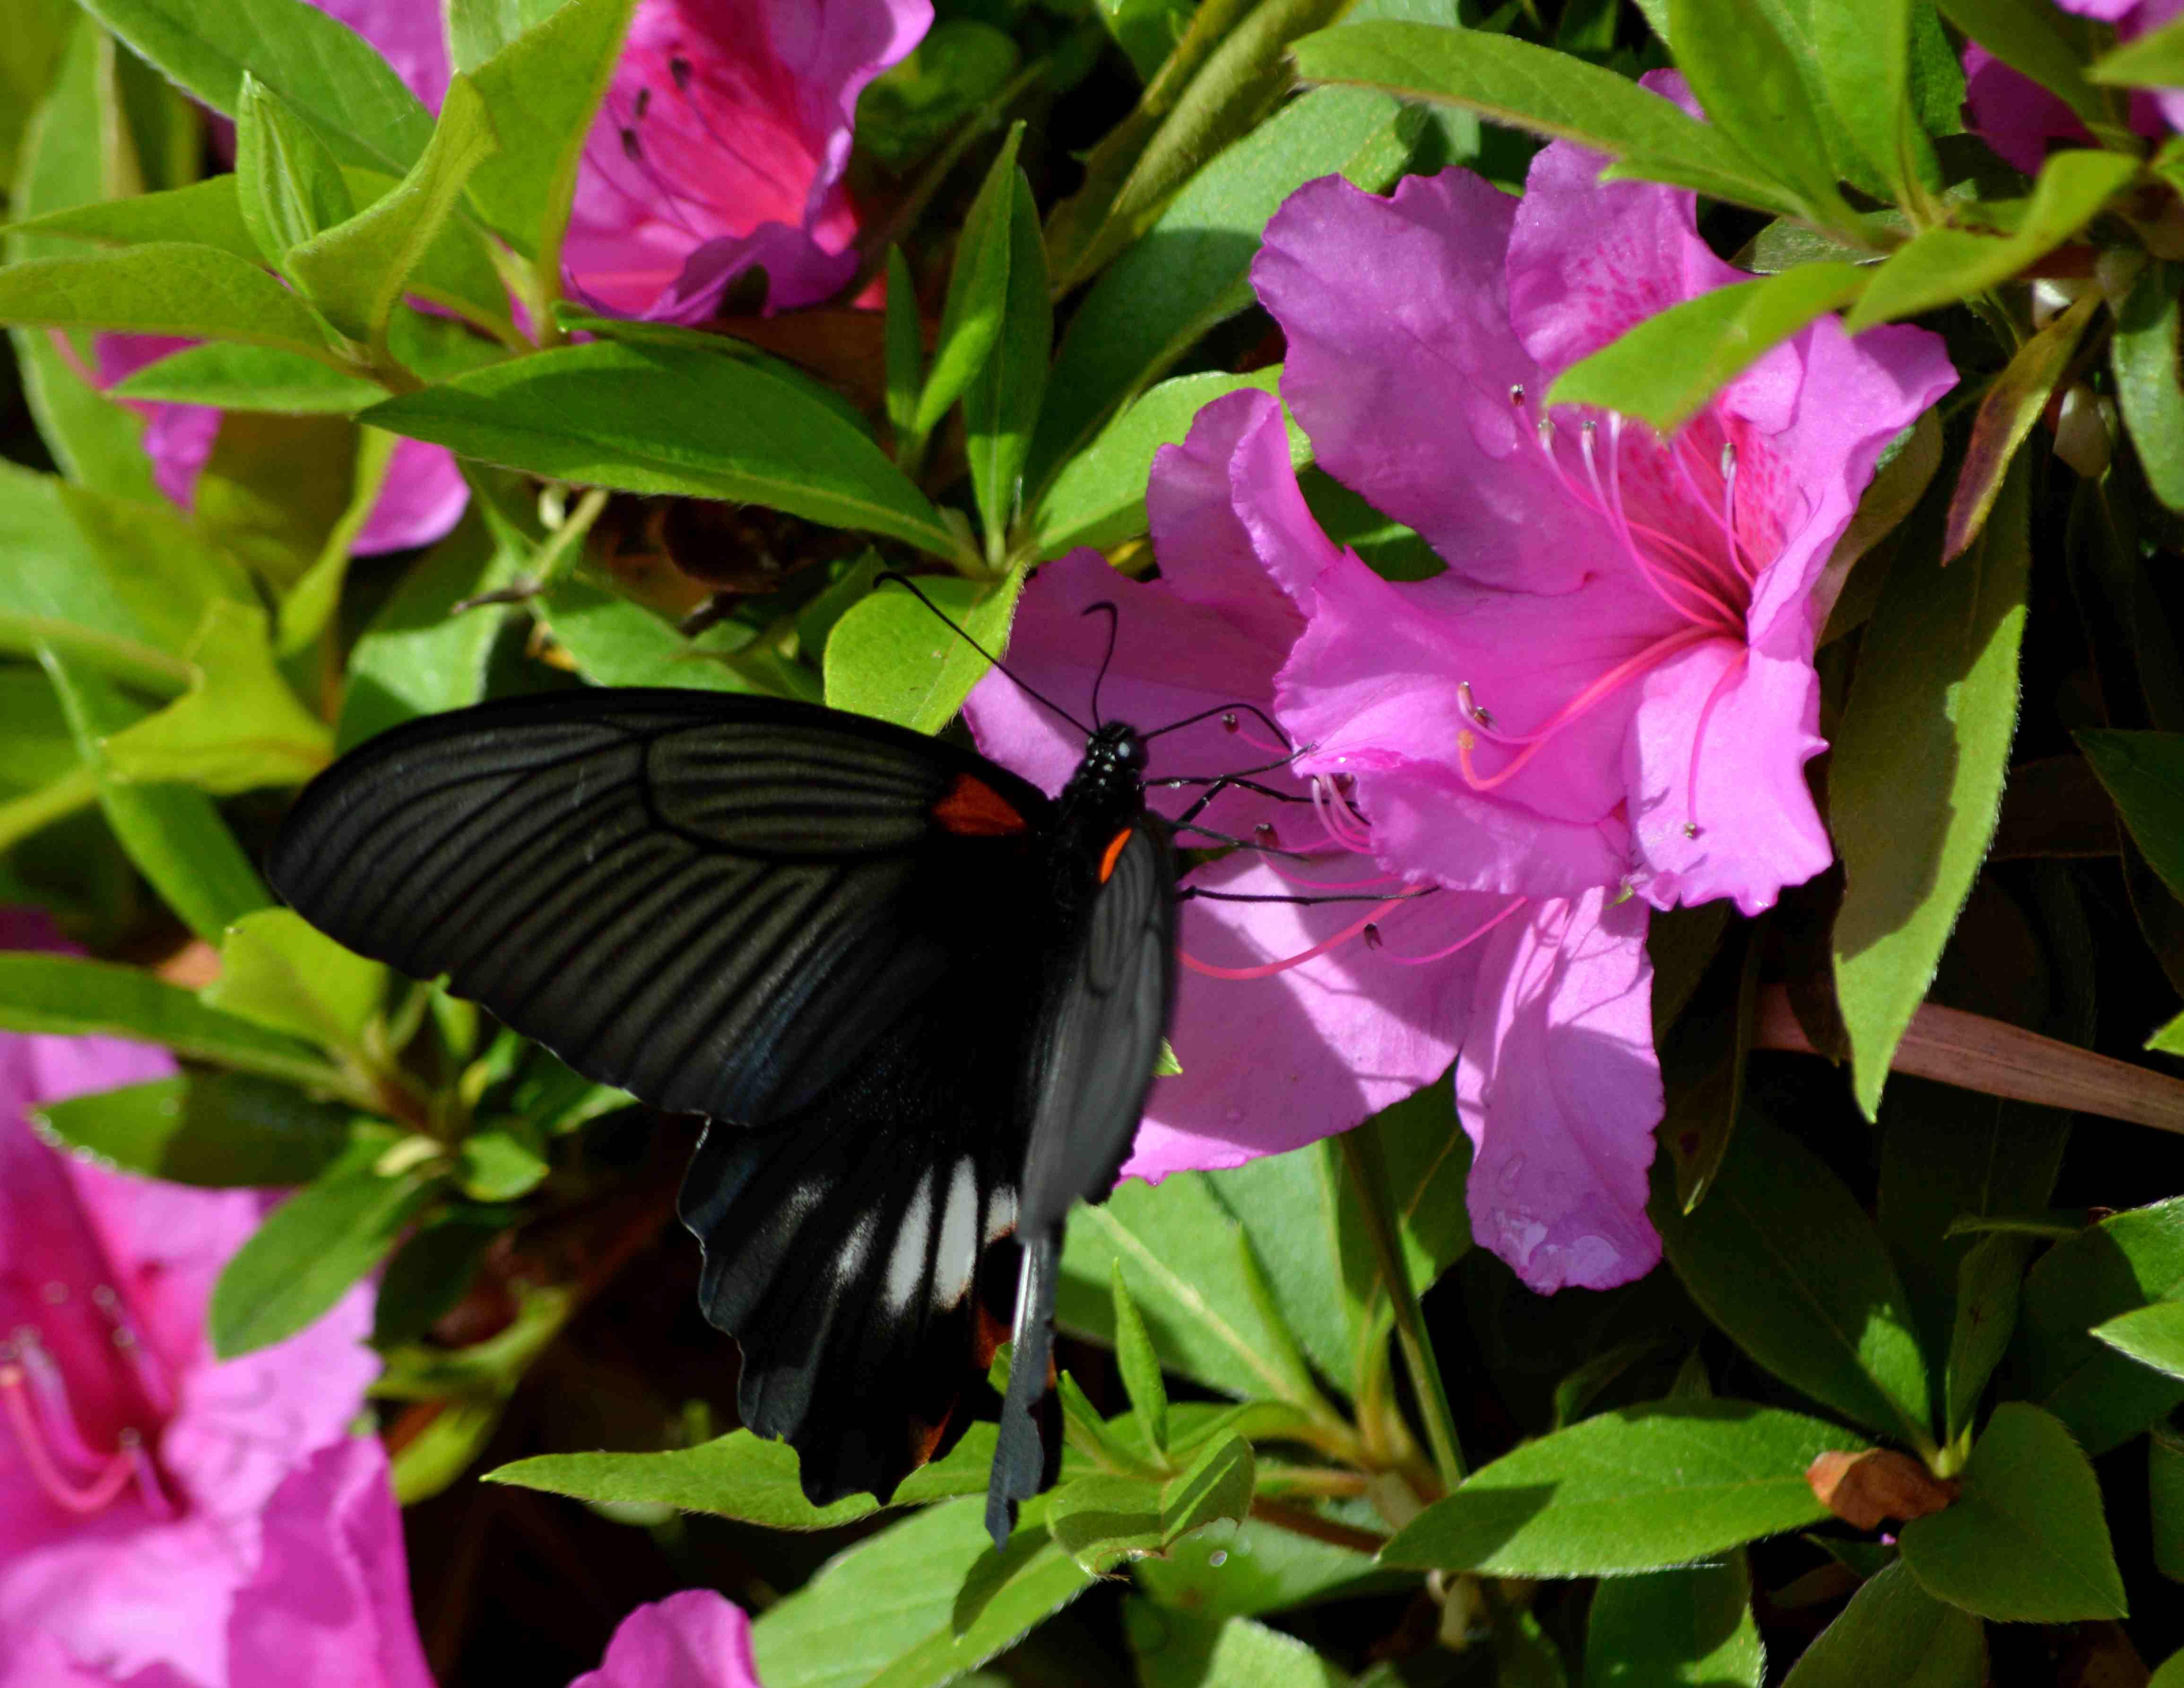 ナガサキアゲハ 5月2日ツツジの咲く公園にて_d0254540_1774490.jpg